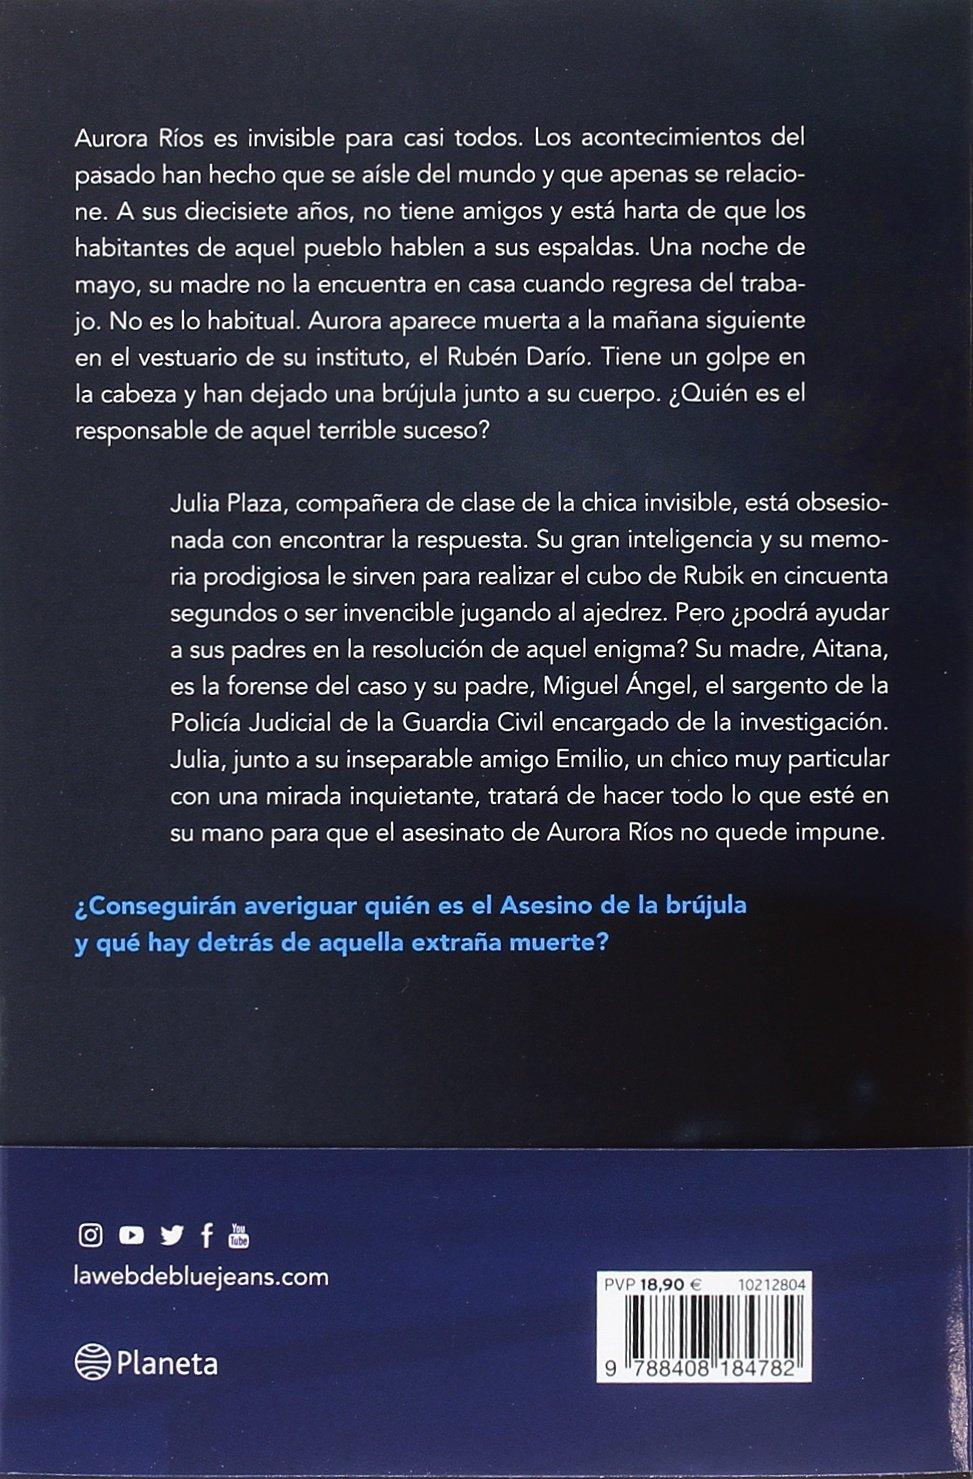 La chica invisible: 2 ((Fuera de colección)): Amazon.es: Blue Jeans: Libros